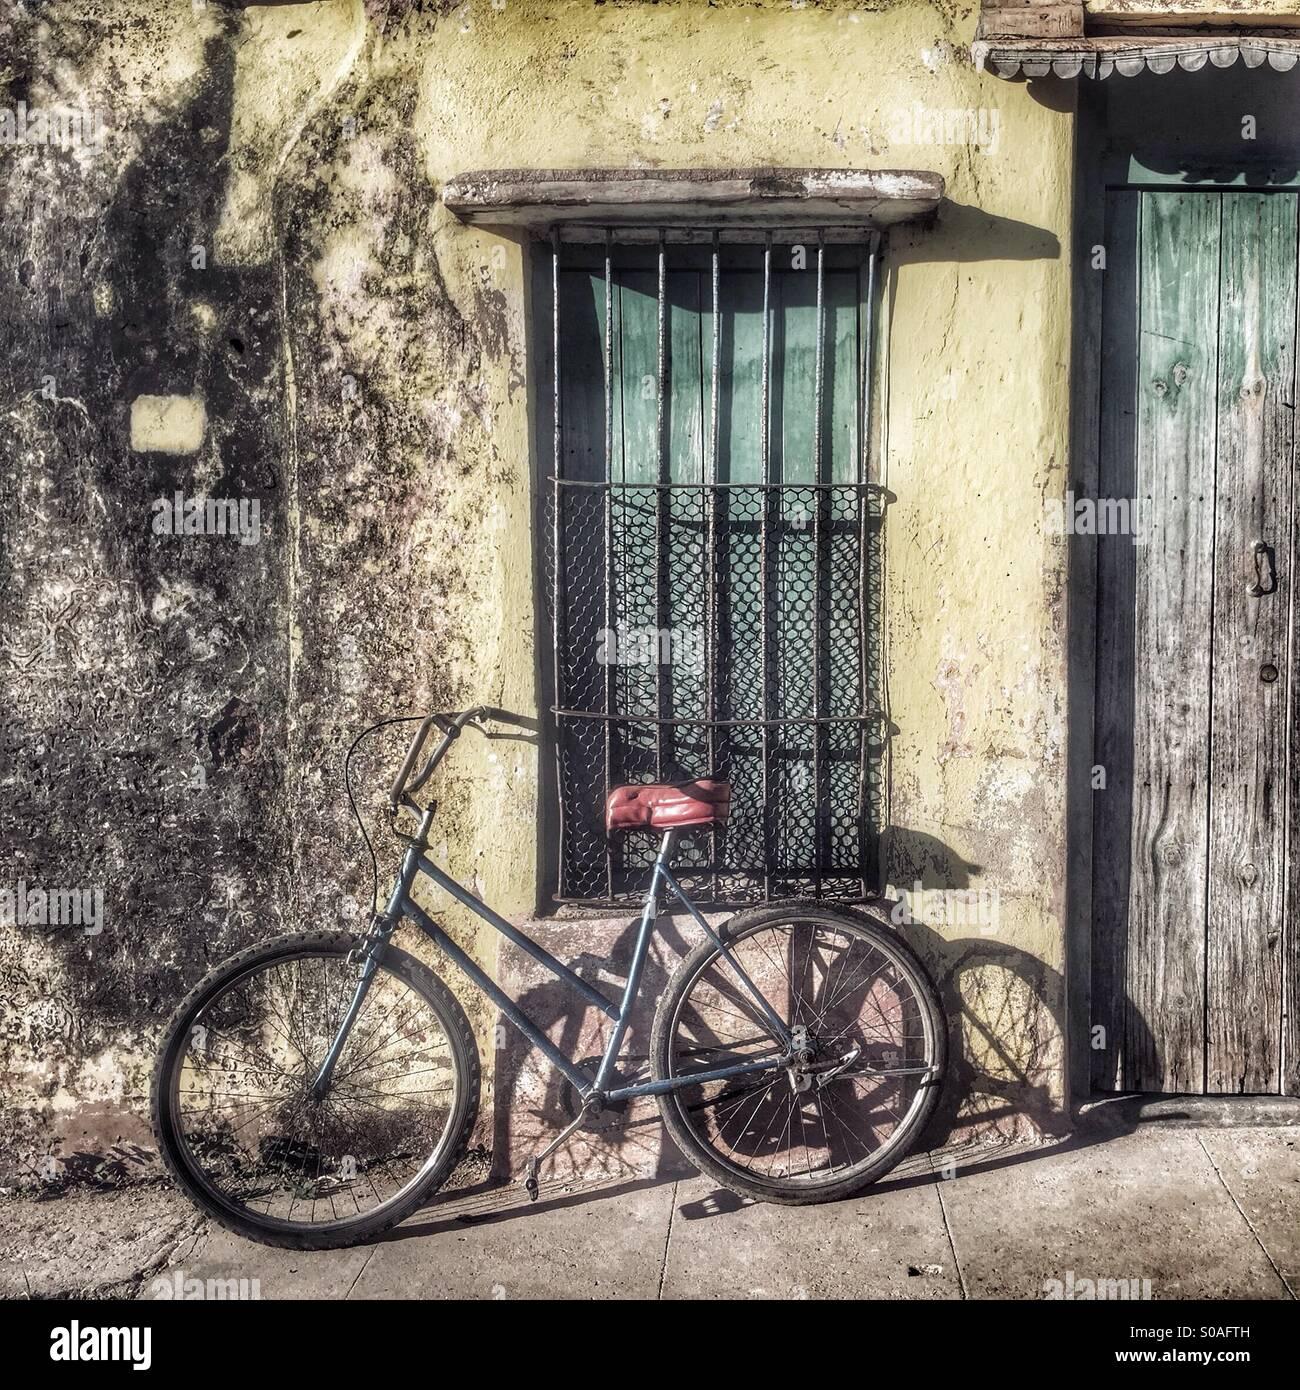 Fahrrad gegen eine Wand. Stockbild